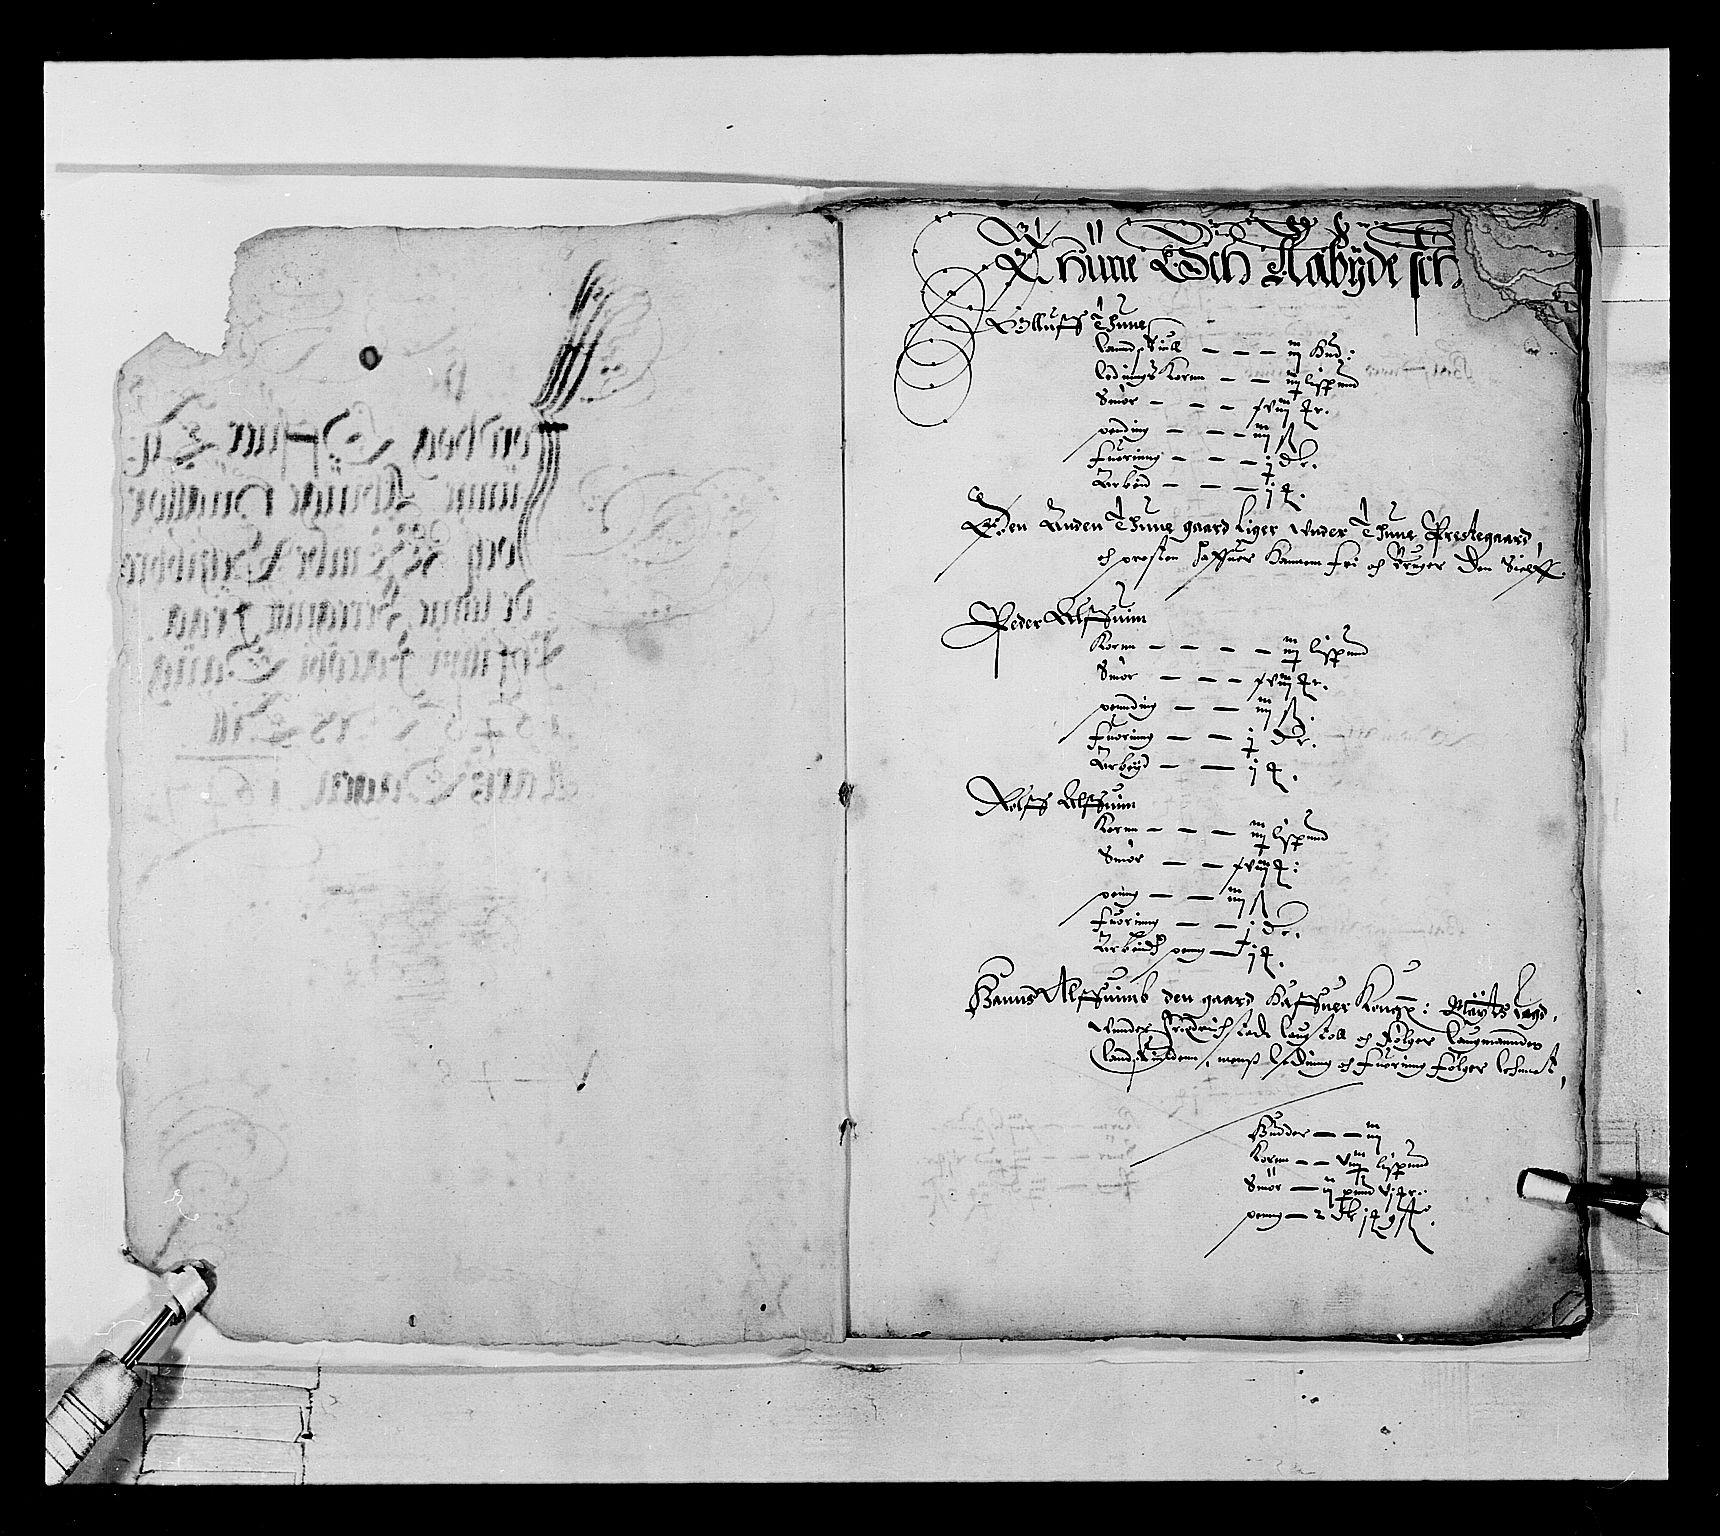 RA, Stattholderembetet 1572-1771, Ek/L0022: Jordebøker 1633-1658:, 1646-1647, s. 3